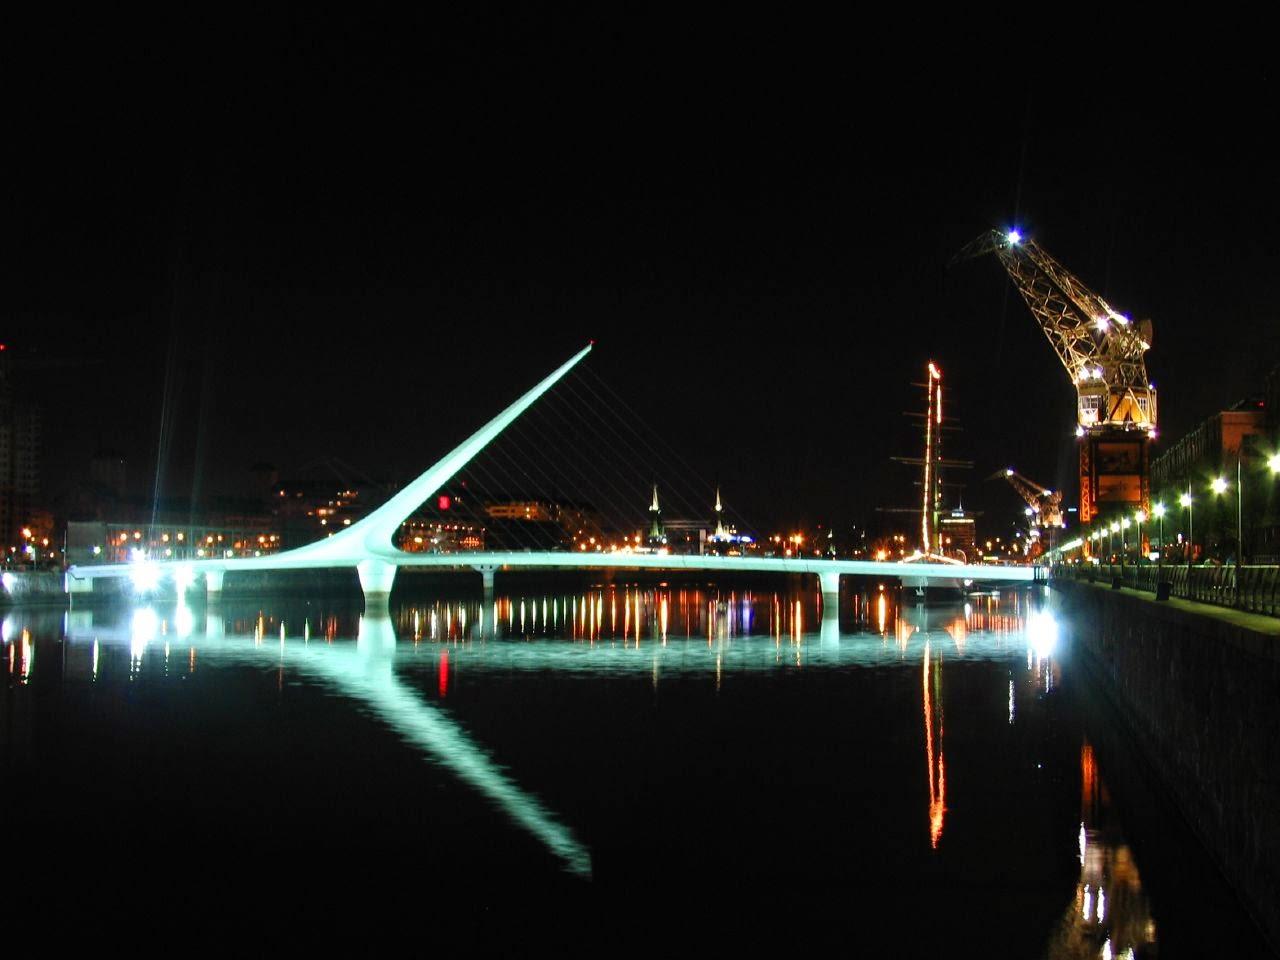 PUENTE_DE_LA_BOCA_VIAJA_BONITO, Puente de la Mujer